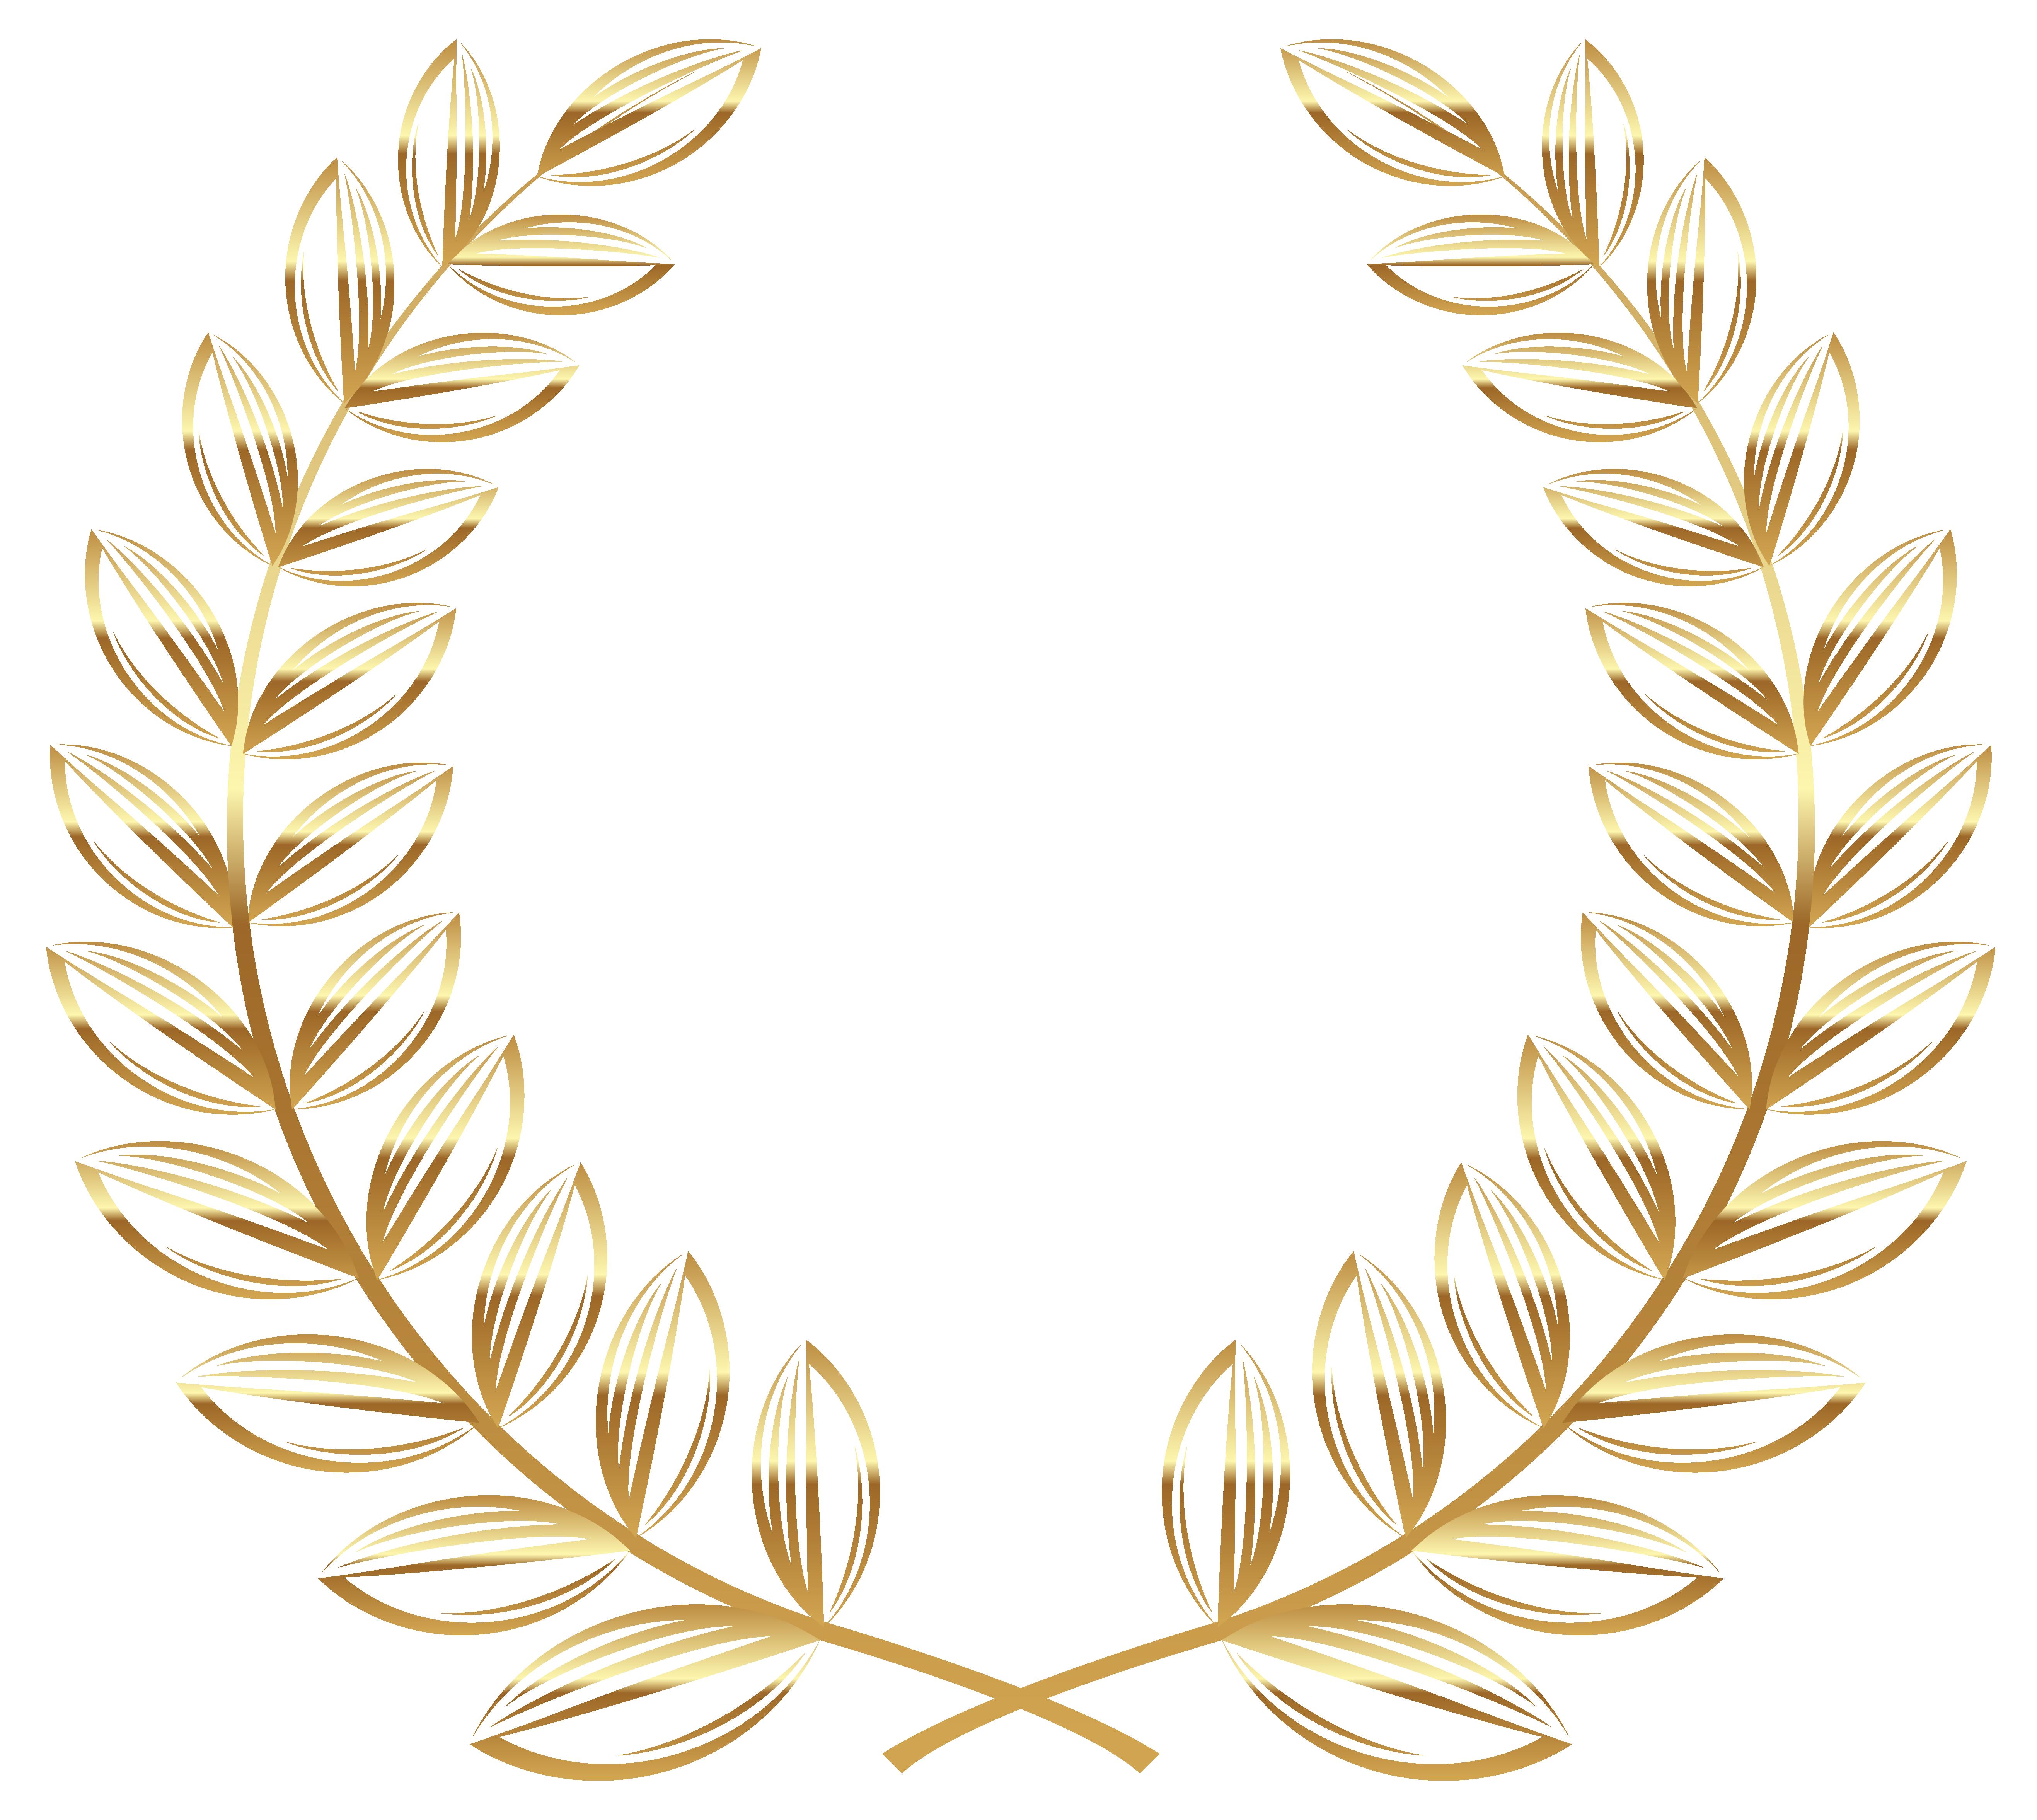 Golden Wreath Transparent PNG Clipart Picture.